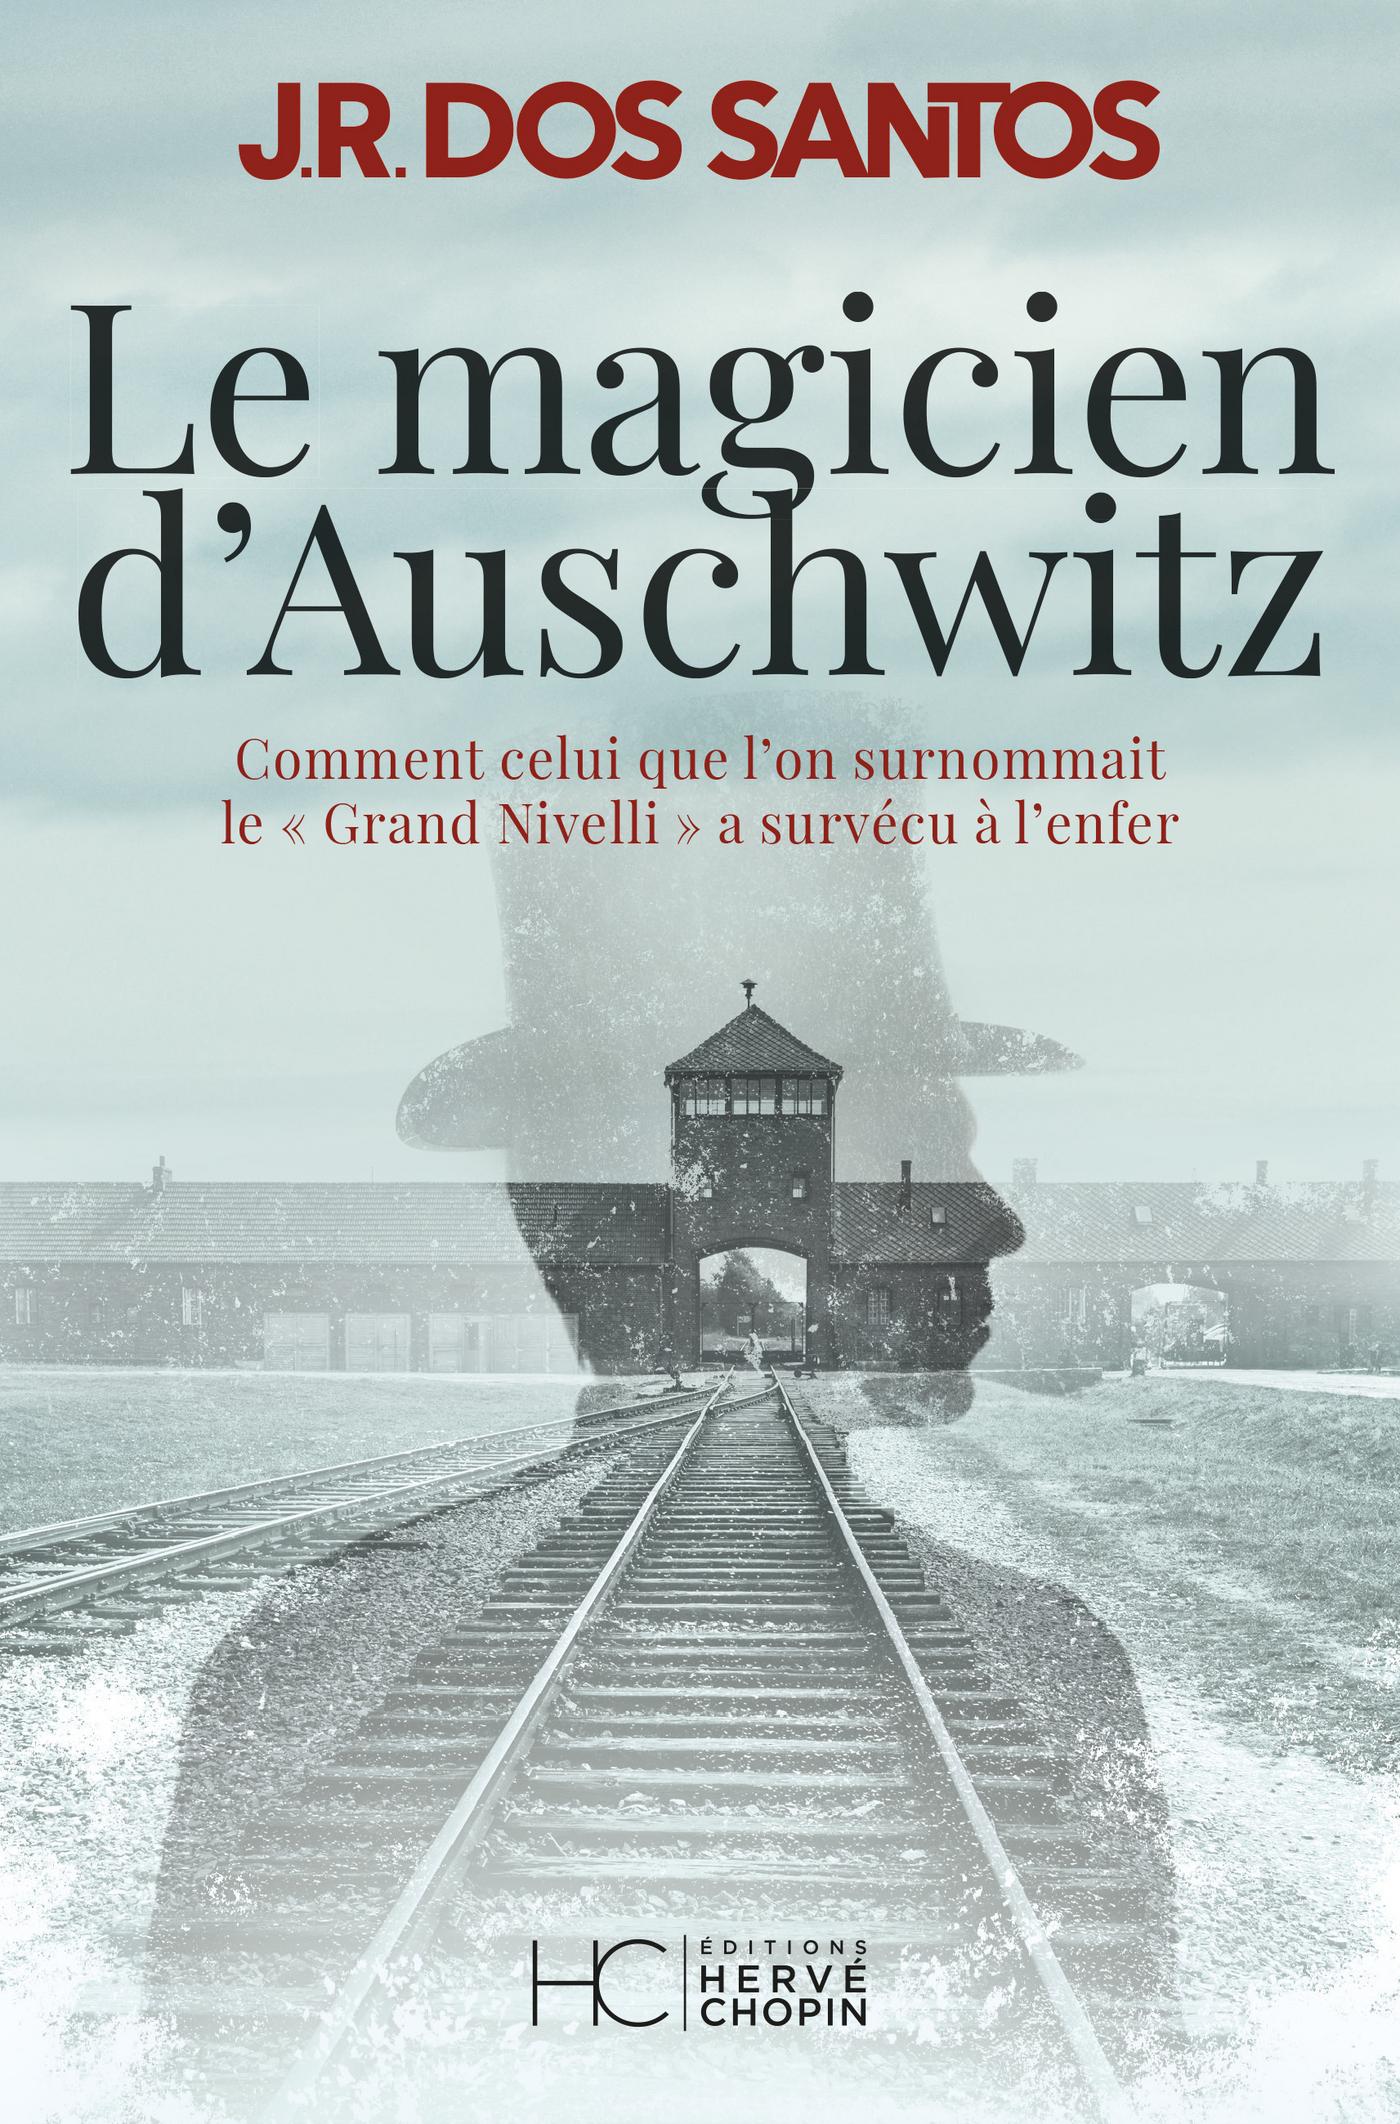 Le magicien d'Auschwitz - Comment celui que l'on surnommait le Grand Nivelli a survécu à l'enfer